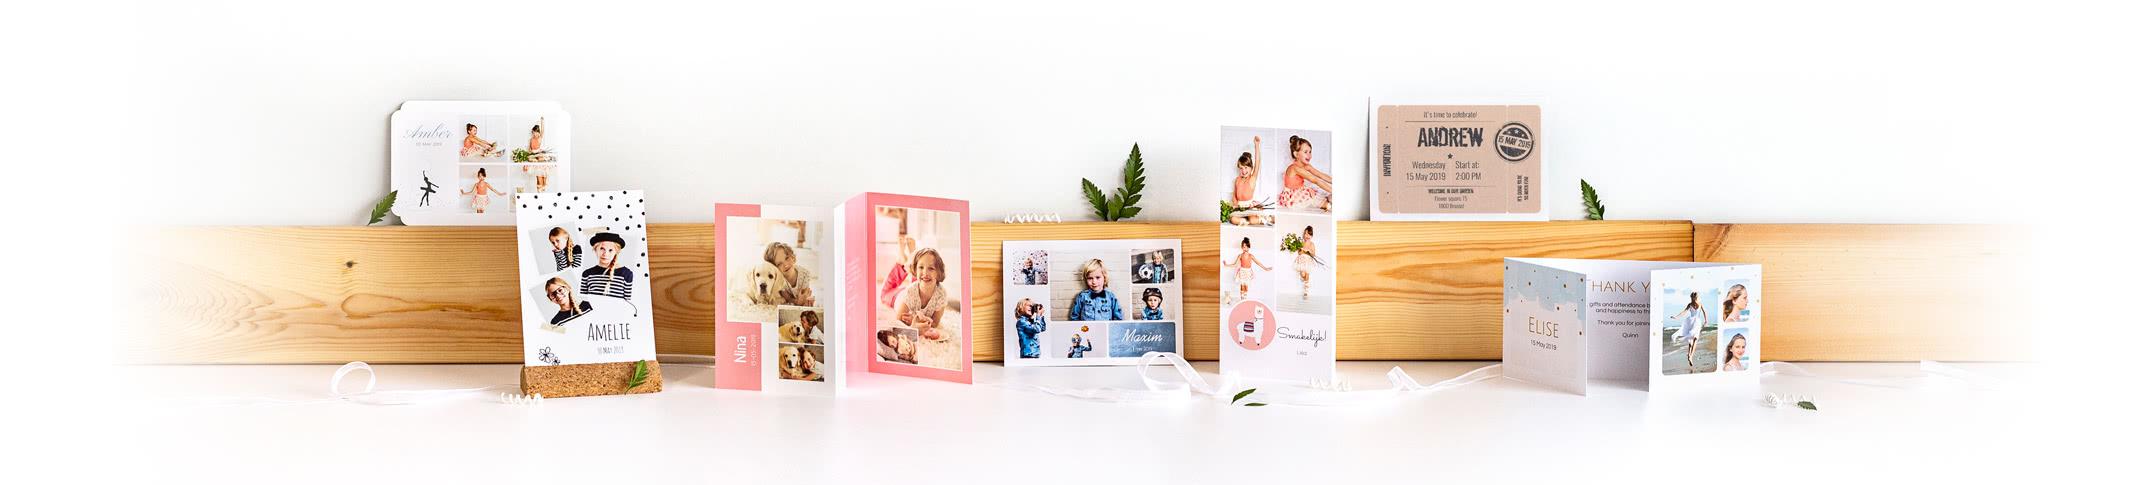 Fotokort - Skapa inbjudningskort och tackkort för födelsedag, kalas, bröllop, dop, student och konfirmation